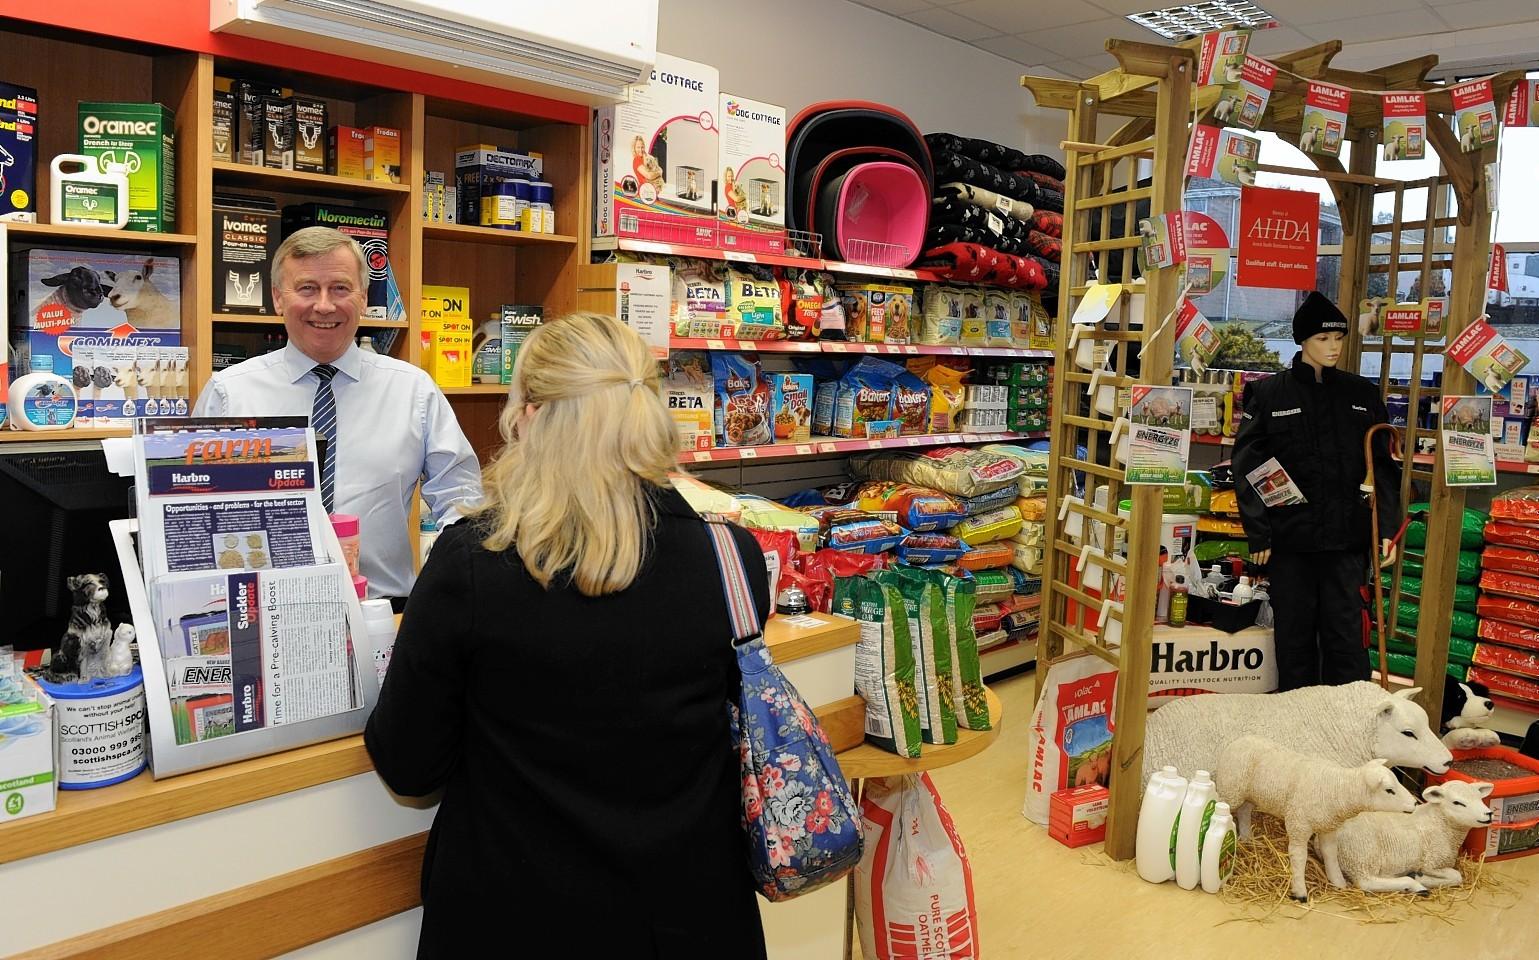 Graham Baxter serves a customer